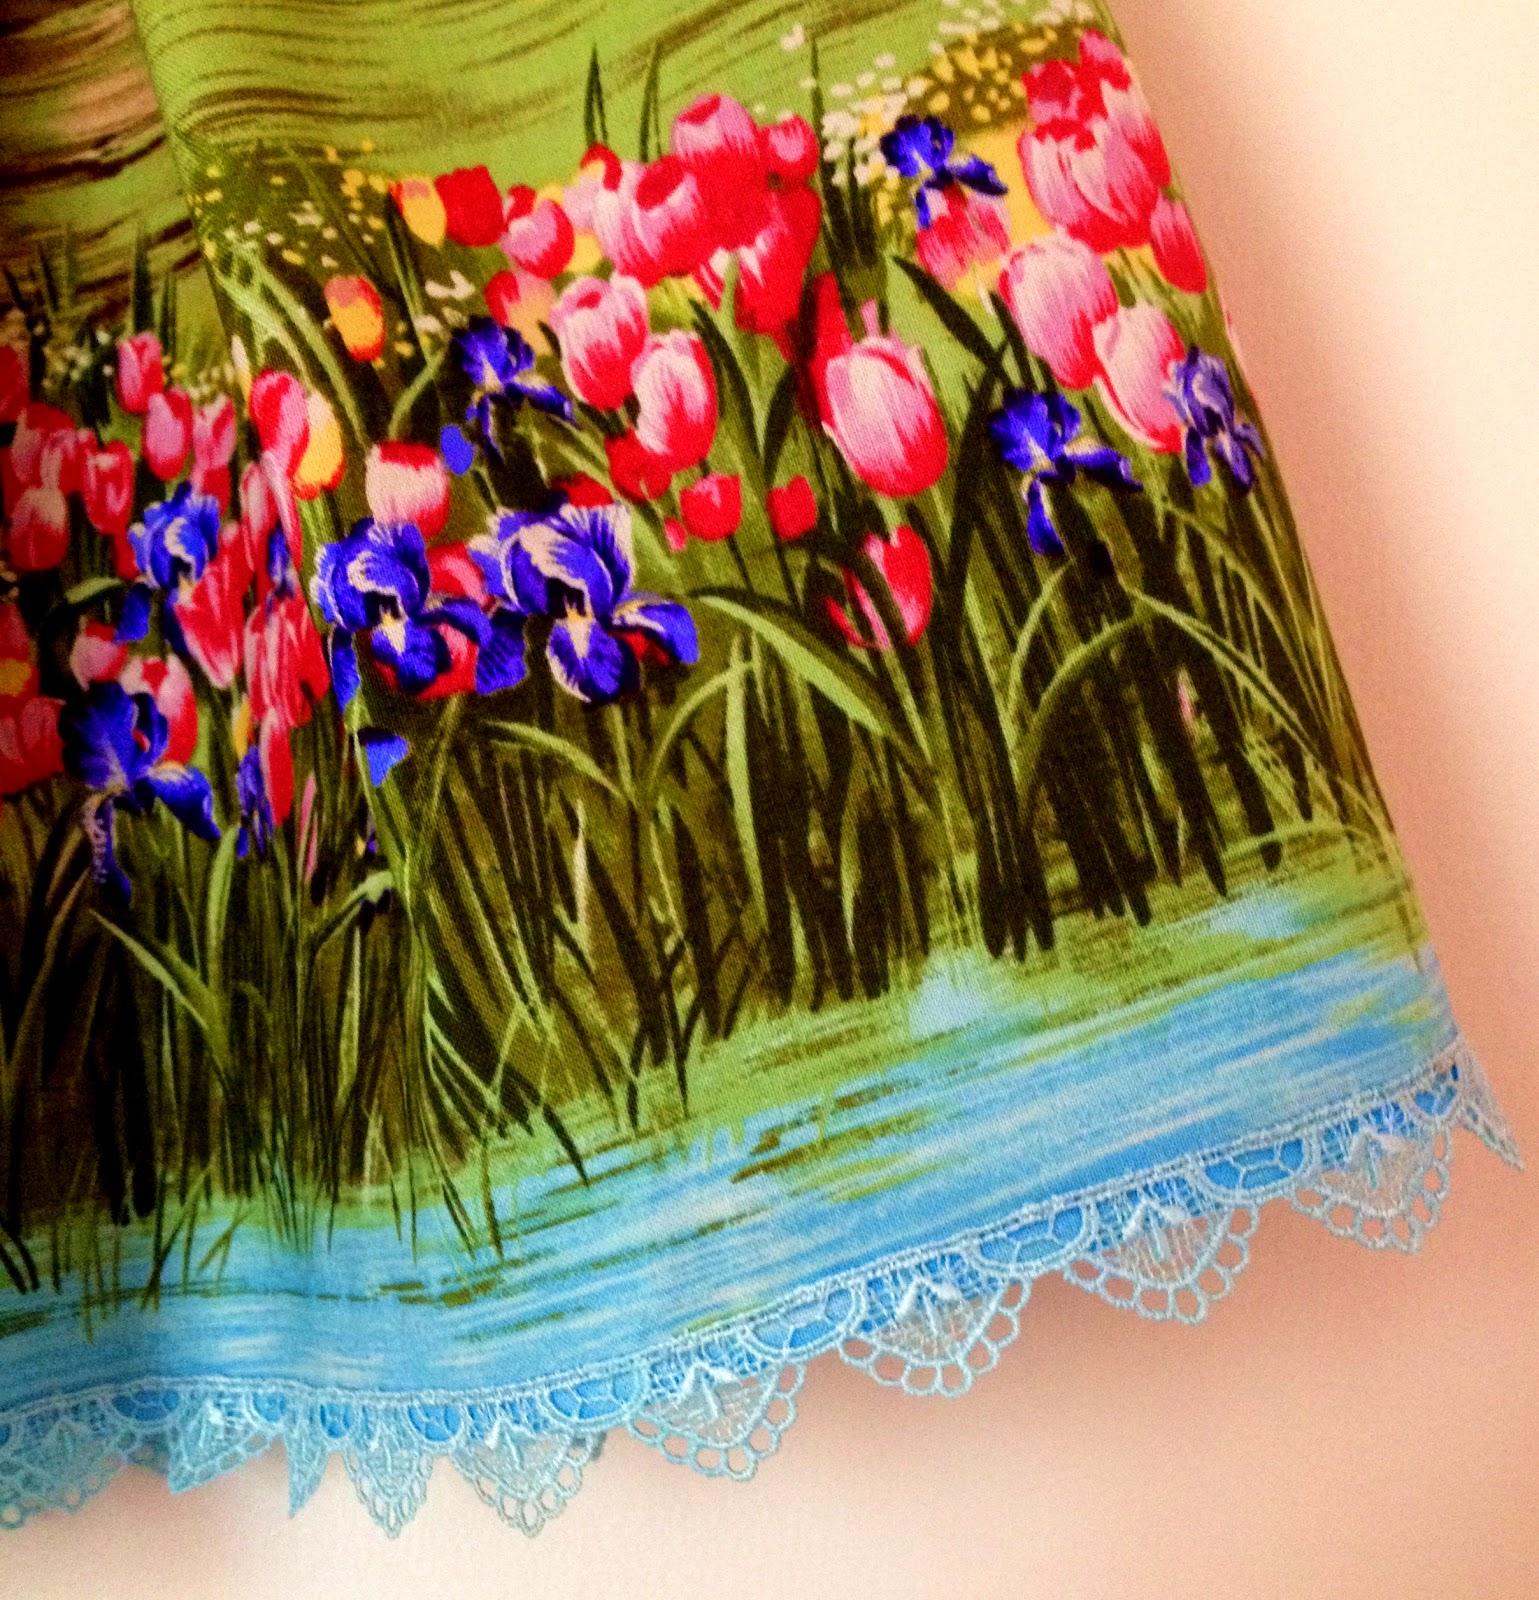 На конец, я закончила шить юбку. Самая простая и легкая юбочка отняла у меня кучу времени     Сделала мерки... а что здесь делать то? Только талию смерить...ну я и измерила, точно подогнала по размерчику, сшила